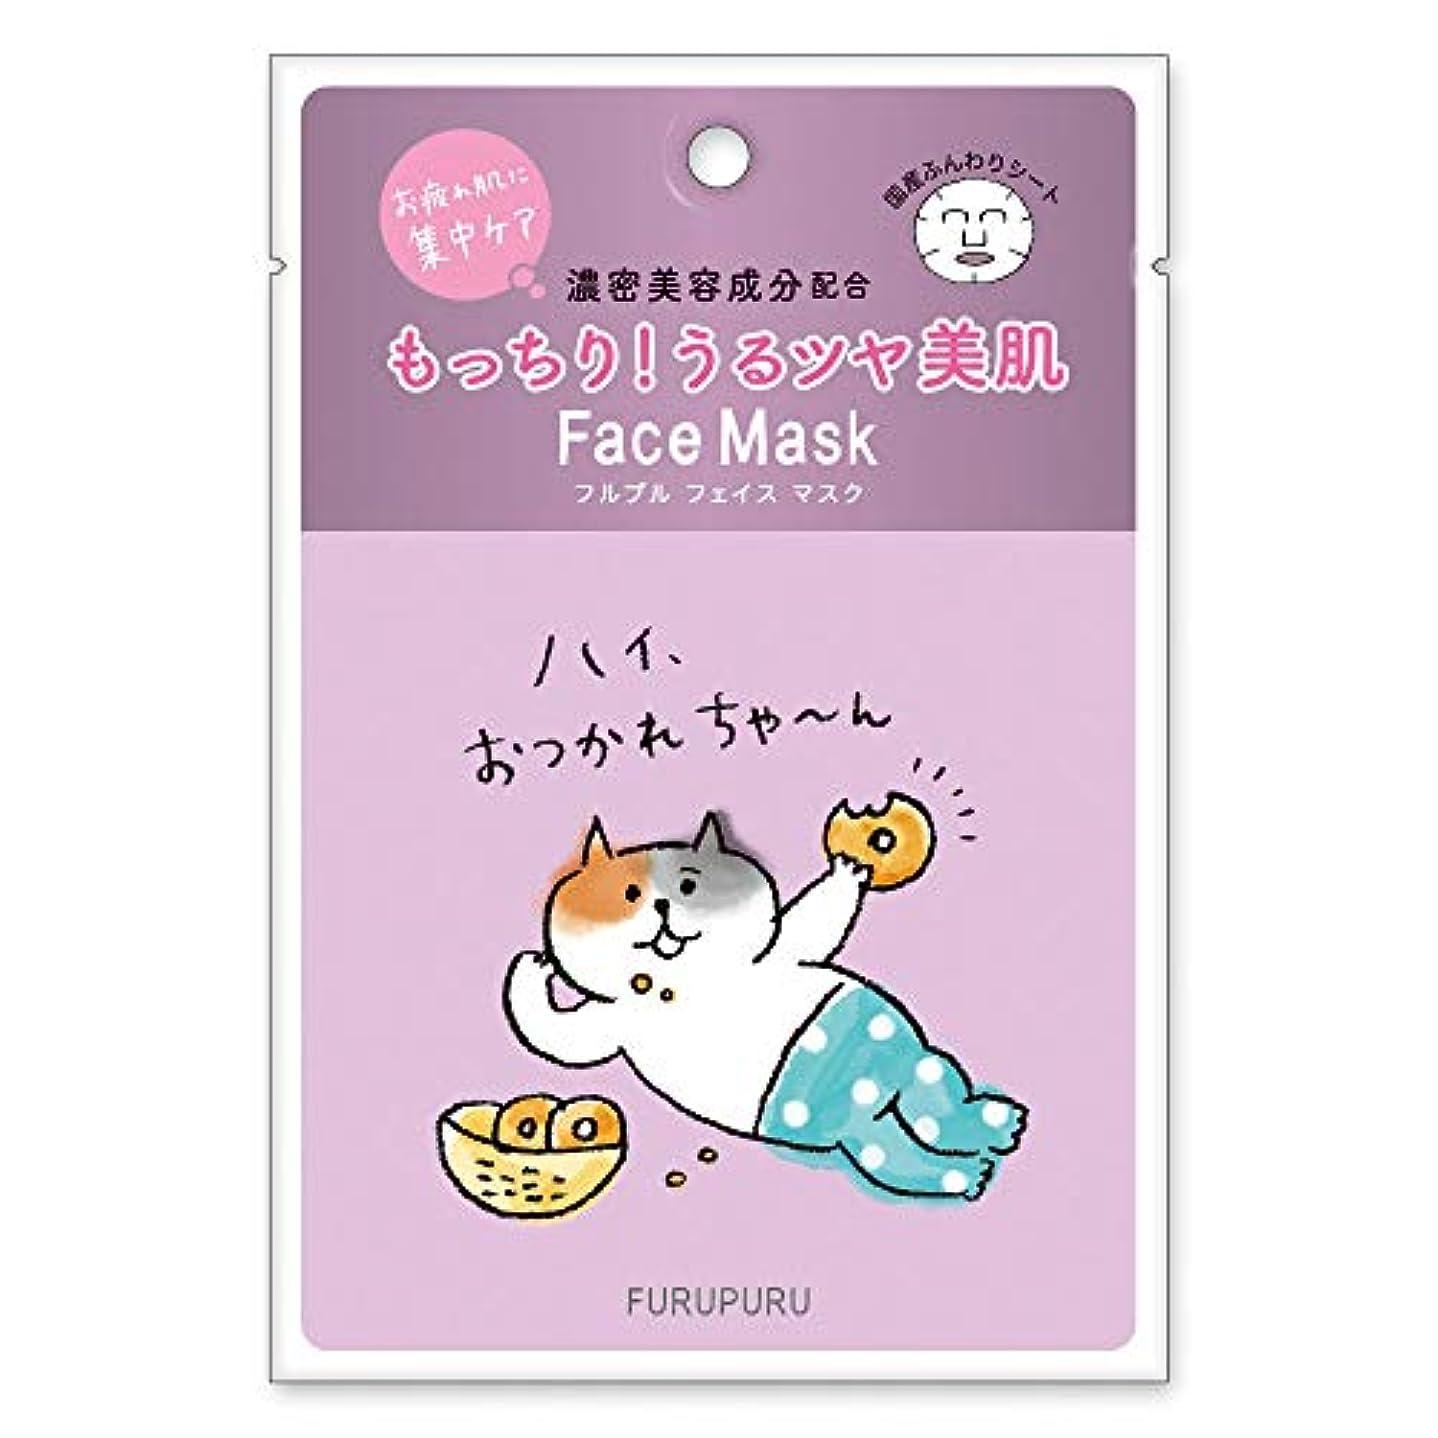 マーティンルーサーキングジュニア寝てるちょうつがいフルプルクリーム フルプルフェイスマスク ごろごろにゃんすけ おつかれちゃん やさしく香る天然ローズの香り 30g